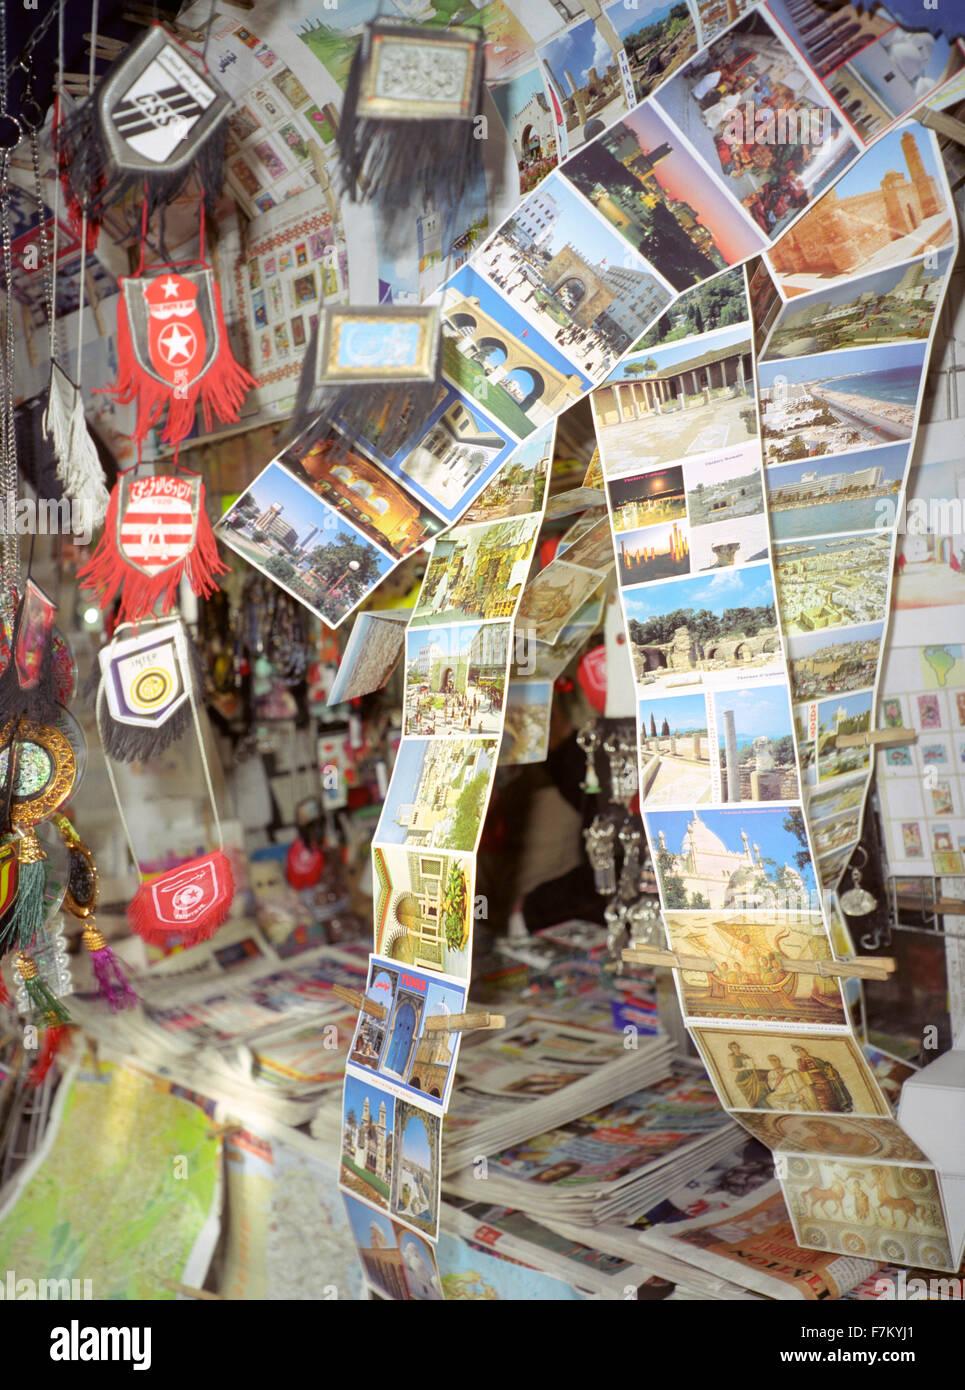 Cartoline turistiche soffiare il vento a edicola a Tunisi, Tunisia, Nord Africa Immagini Stock